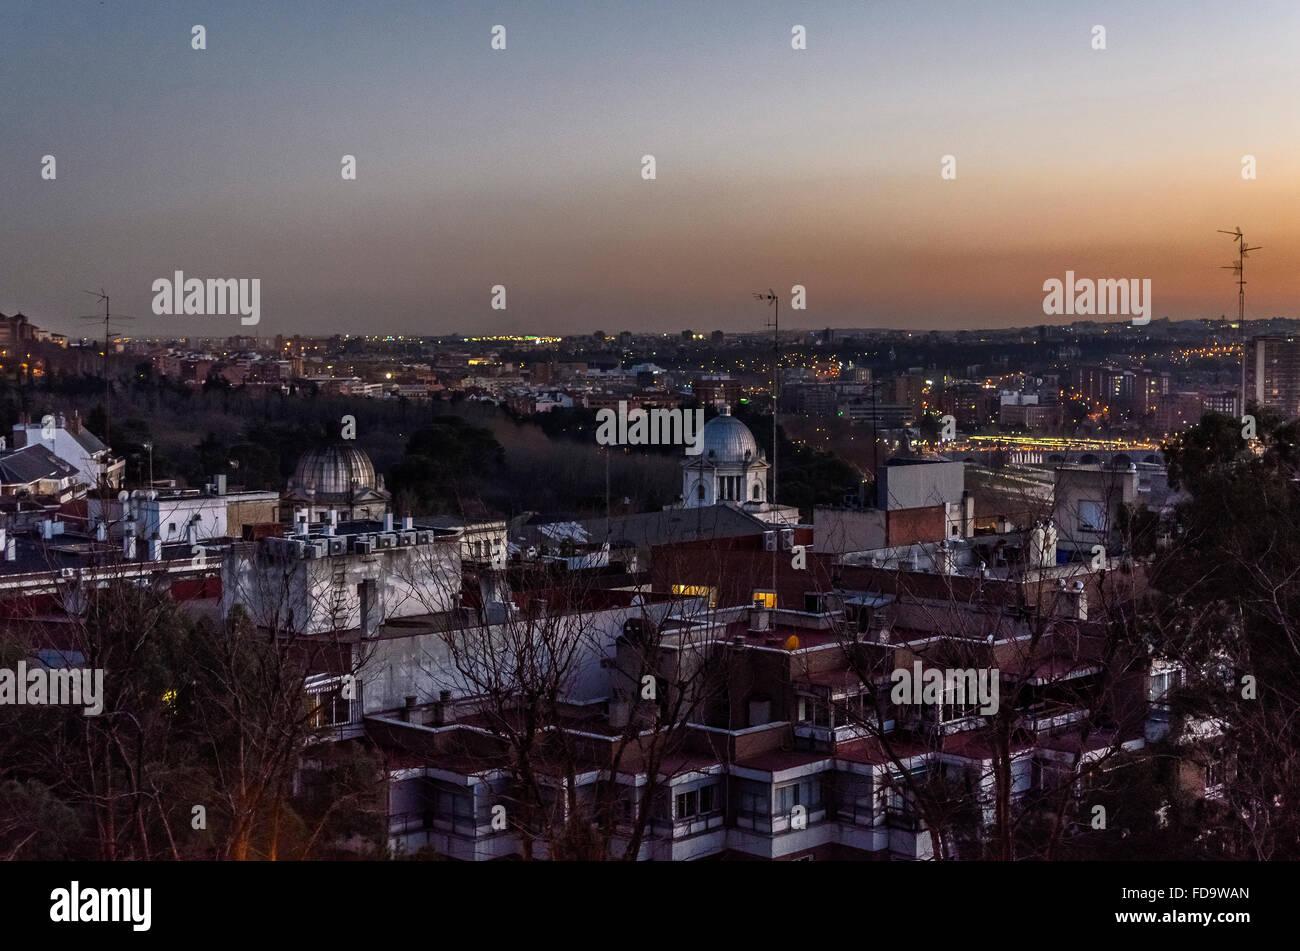 Einen orangefarbenen Himmel am Abend der Stadt Madrid, Spanien Stockbild